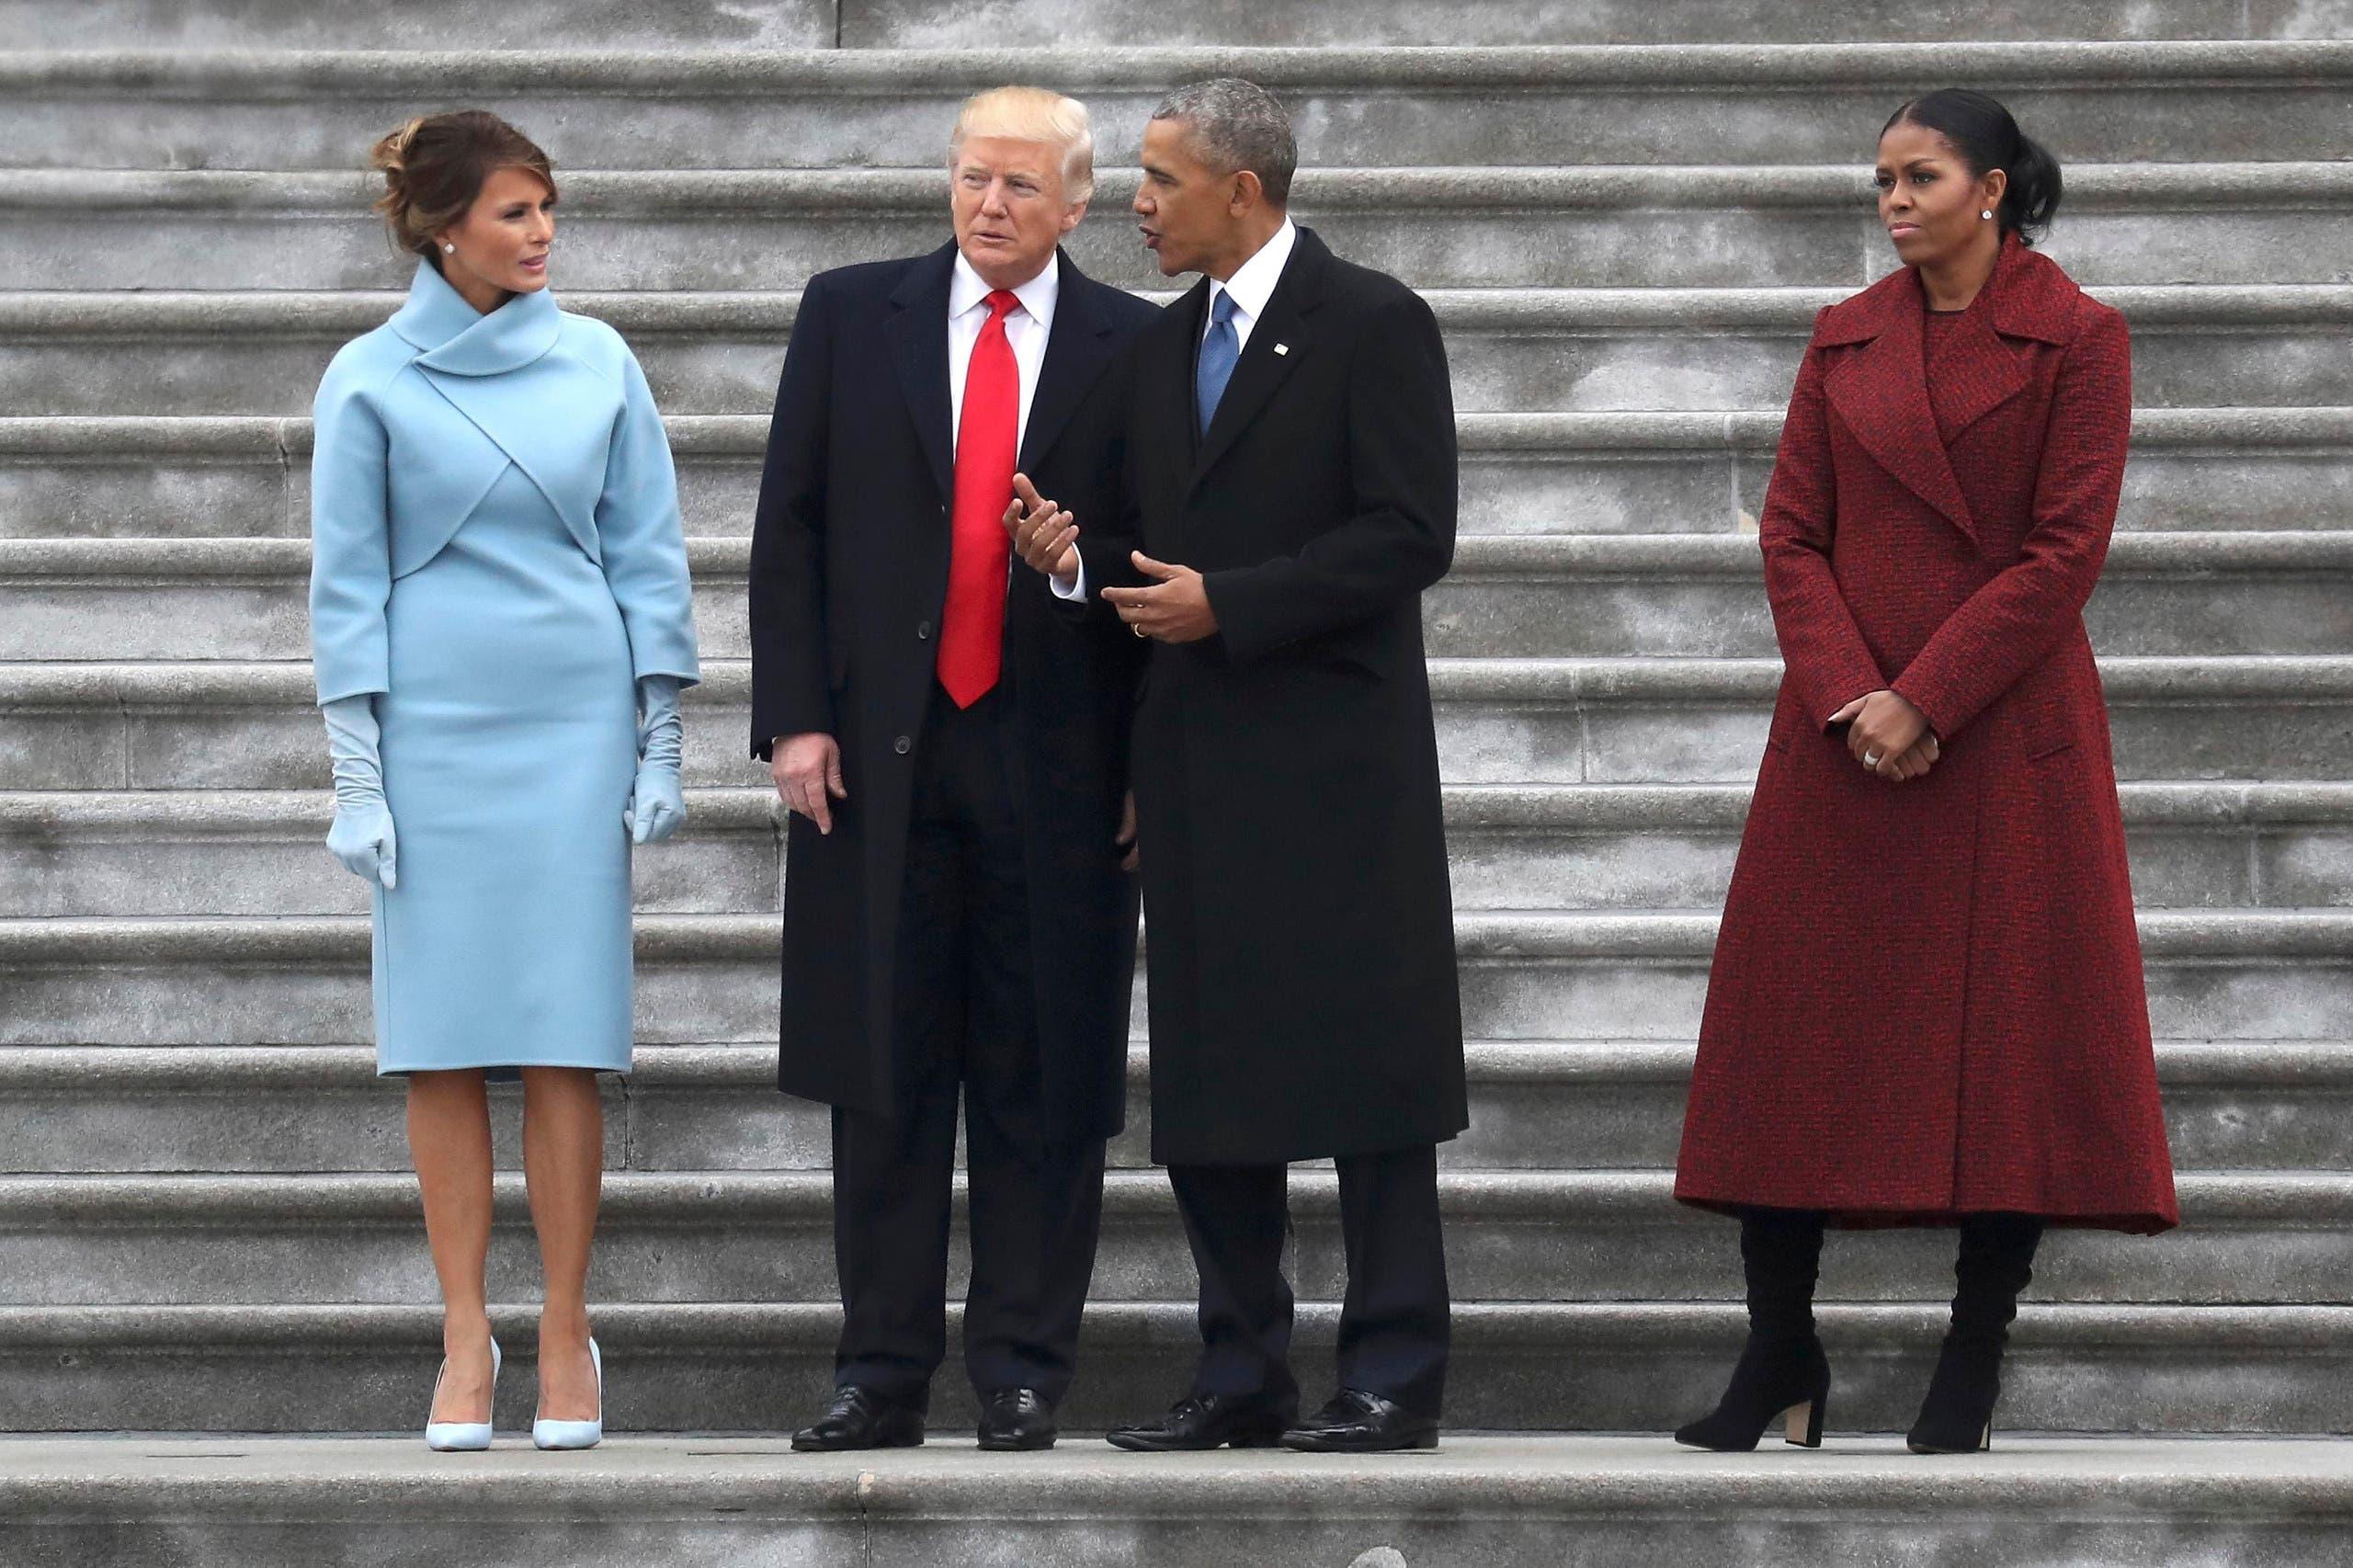 الرئيس الحالي والرئيس السابق وزوجتيهما في الطريق إلى الطائرة من أمام مبنى الكابيتول في واشنطن